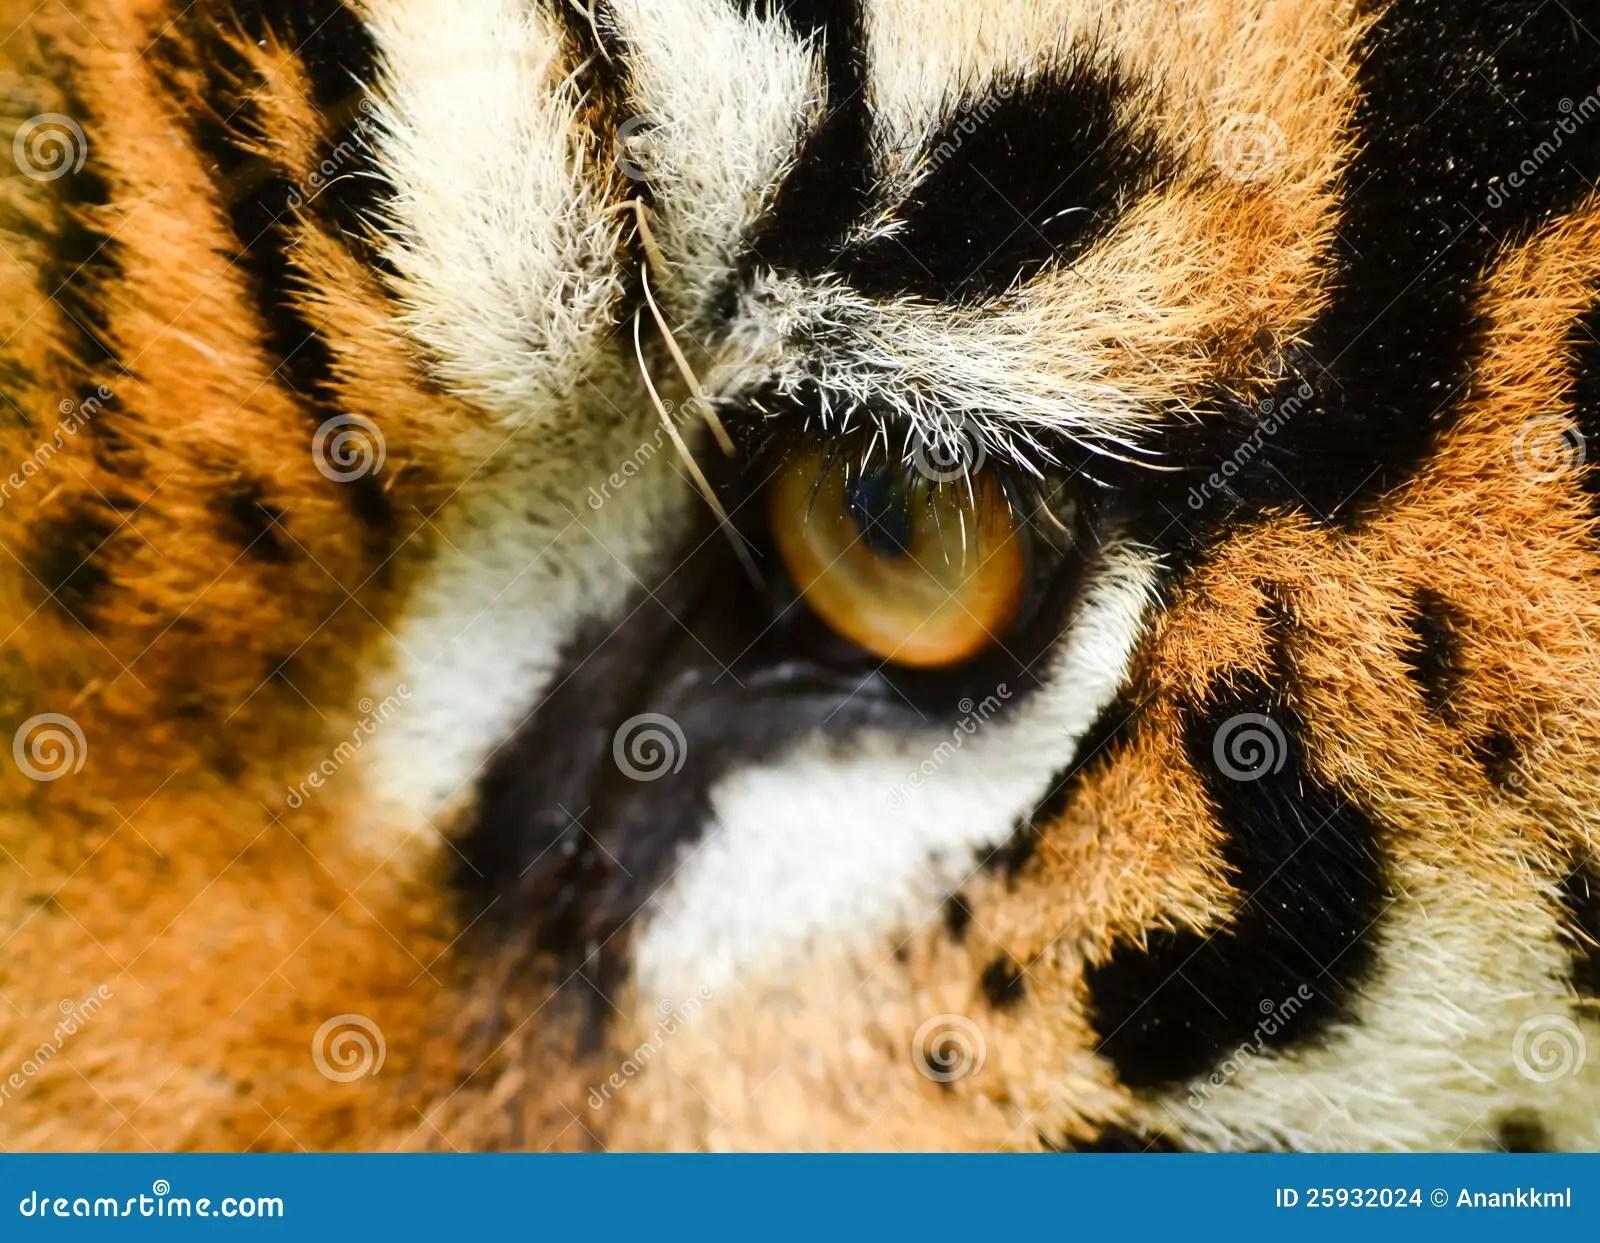 老虎眼睛 庫存圖片 - 圖片: 25932024